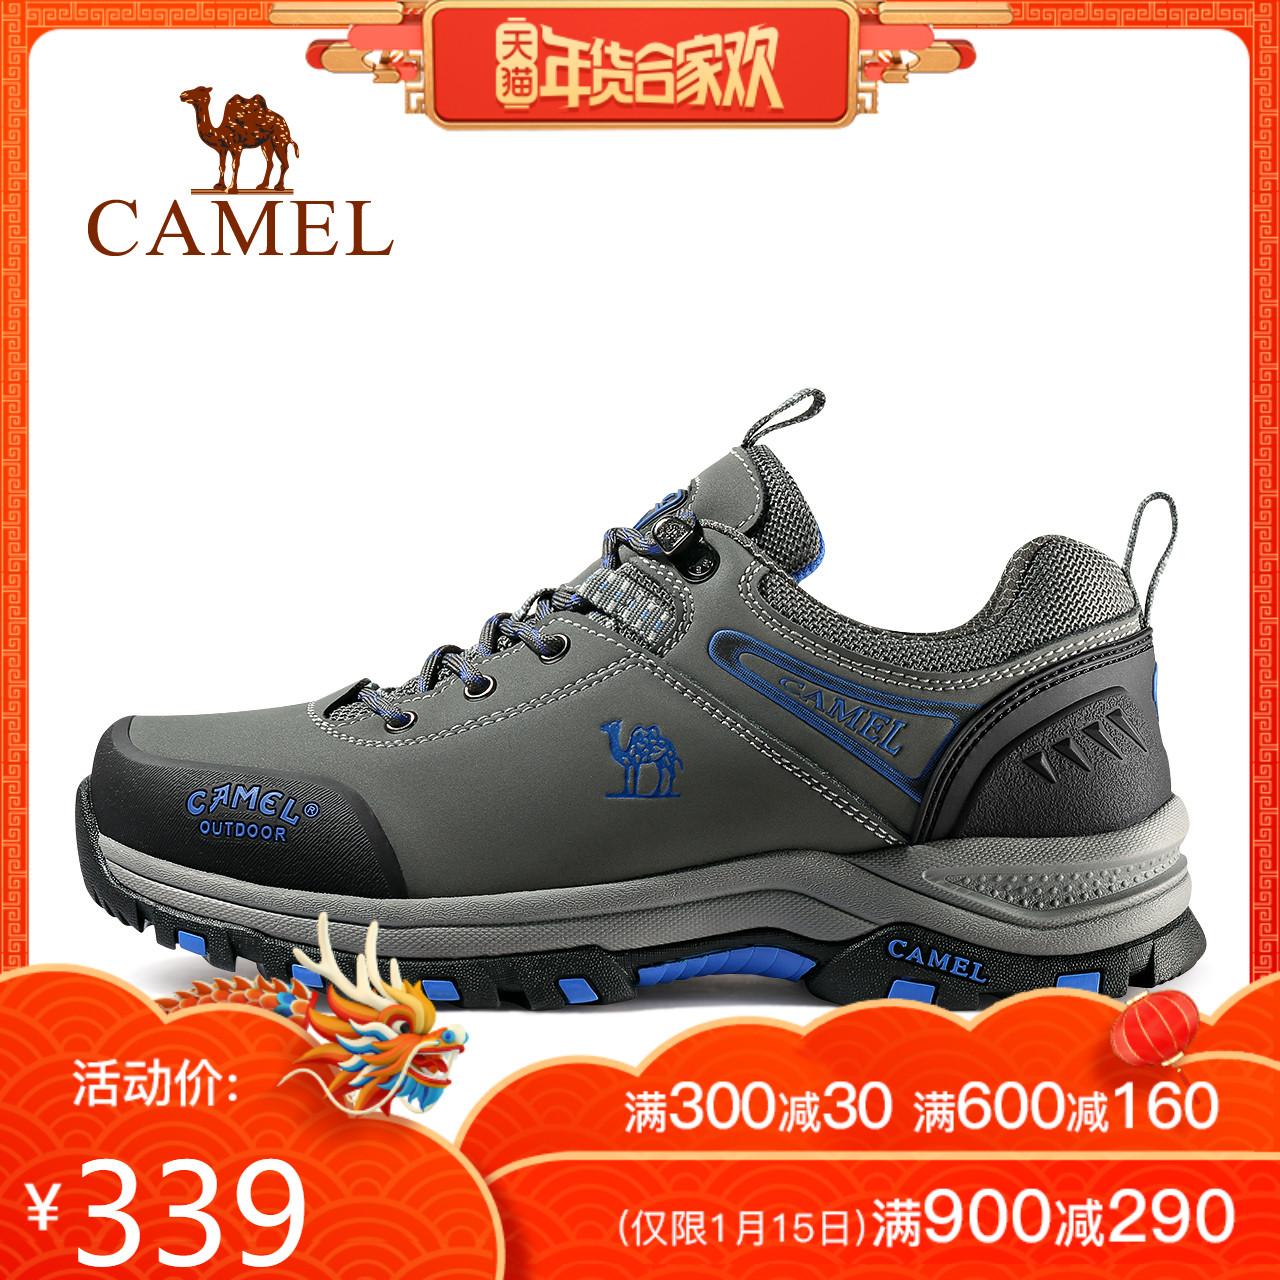 骆驼户外情侣款徒步鞋 秋冬防滑耐磨透气男女款越野营徒步登山鞋